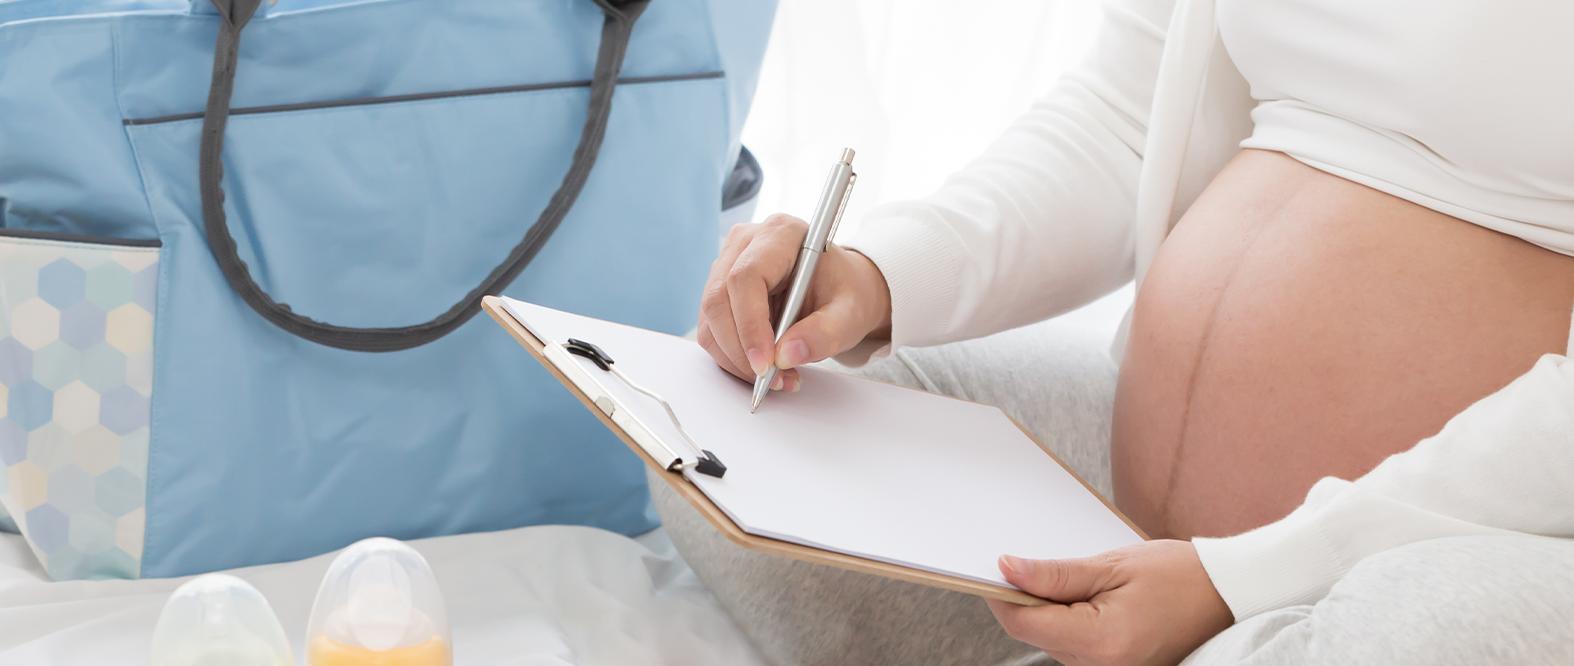 Plan de parto: ¿Qué es y qué incluir?